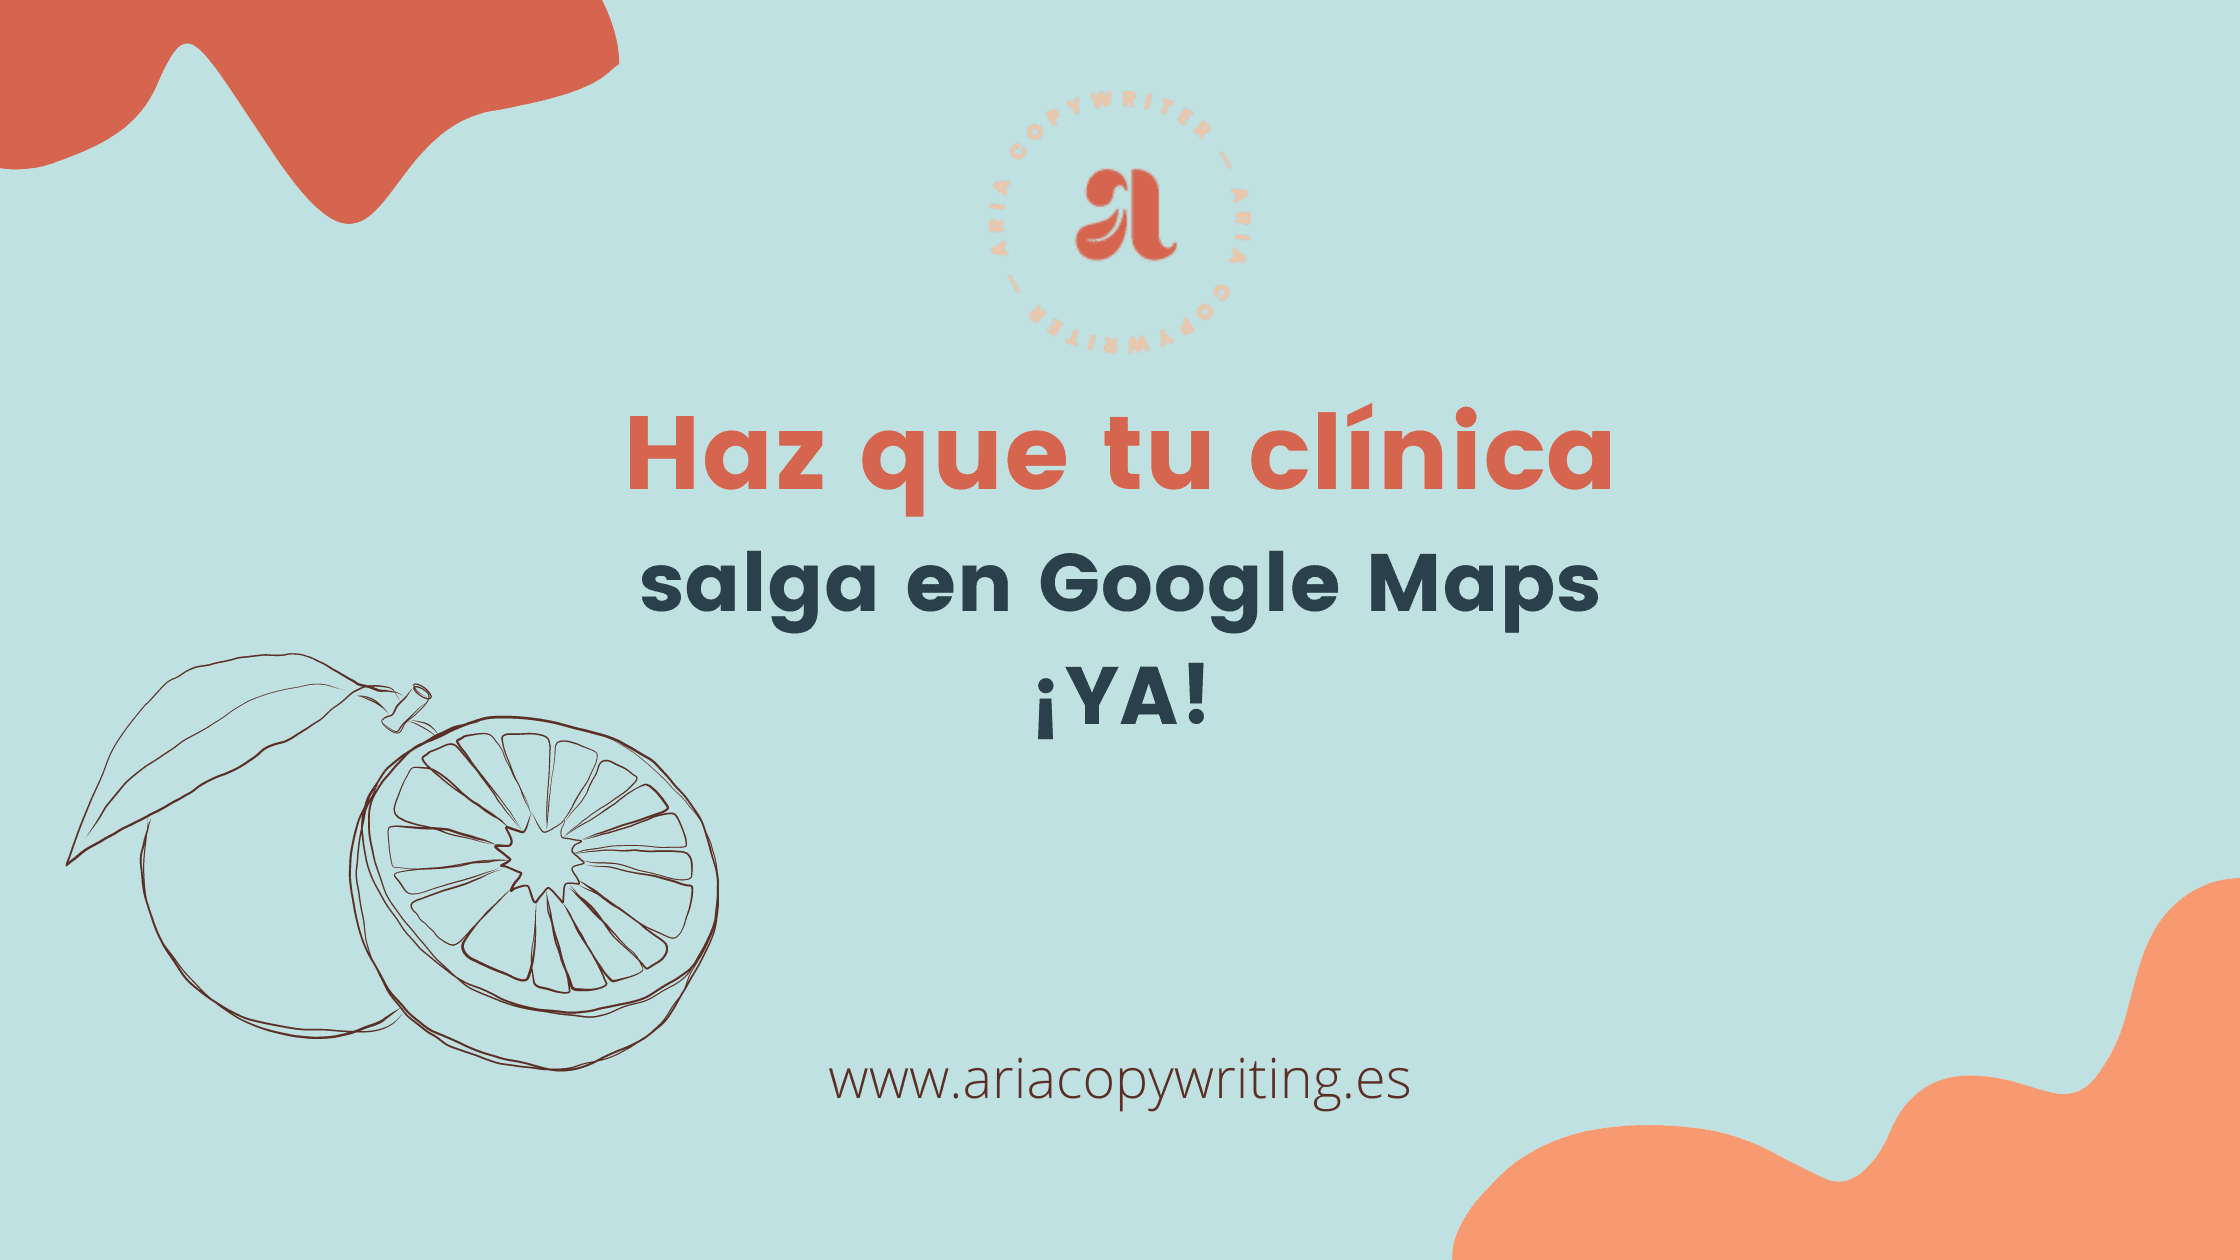 Como aparecer en Google Maps con tu clinica de psicologia